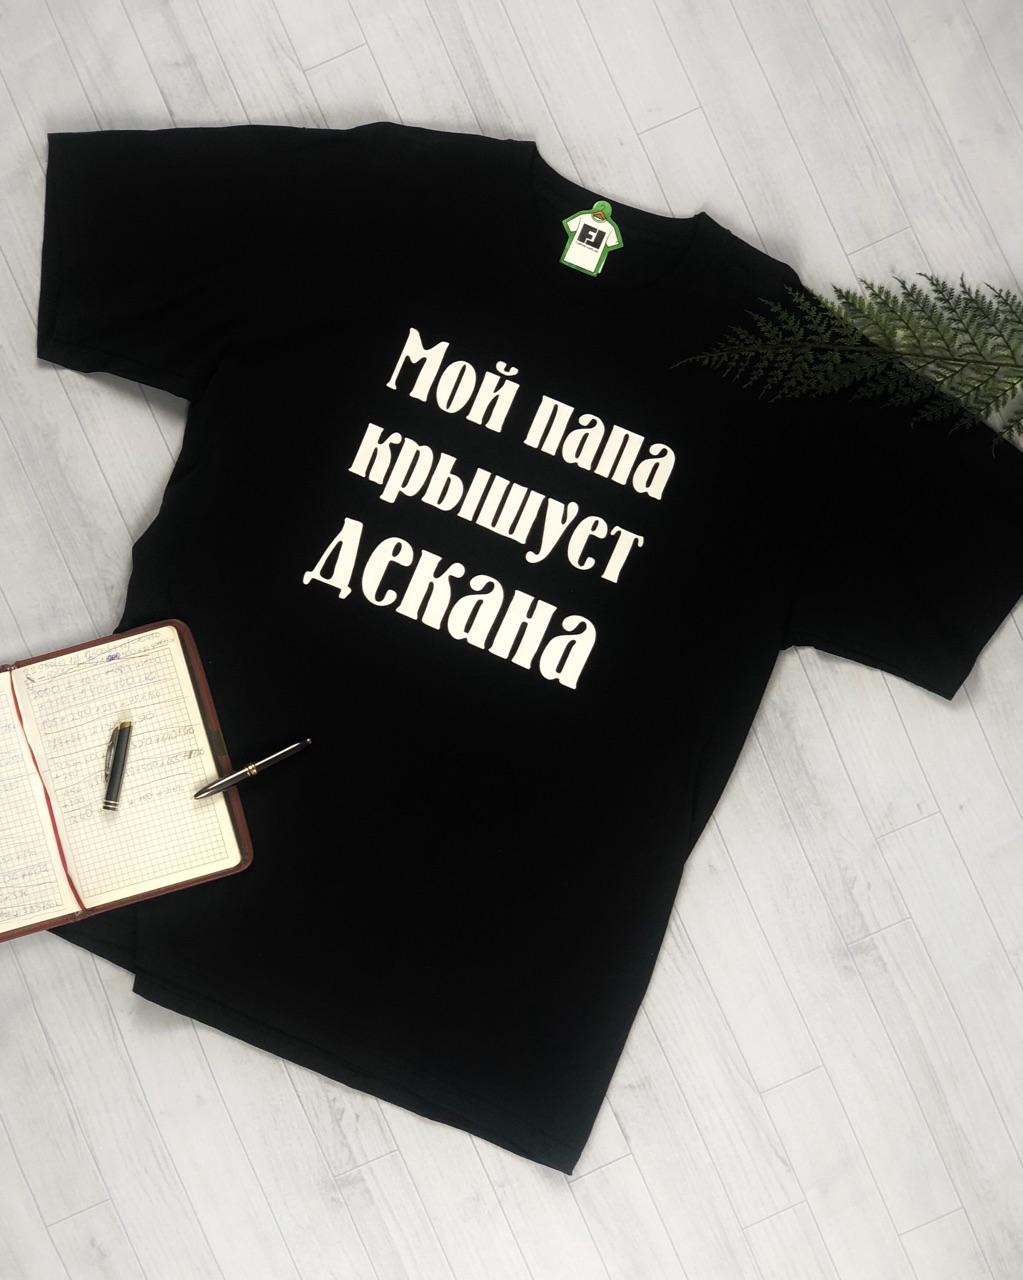 Чоловічі футболки з прикольними написами - купити в Києві 292a6f1fe45af